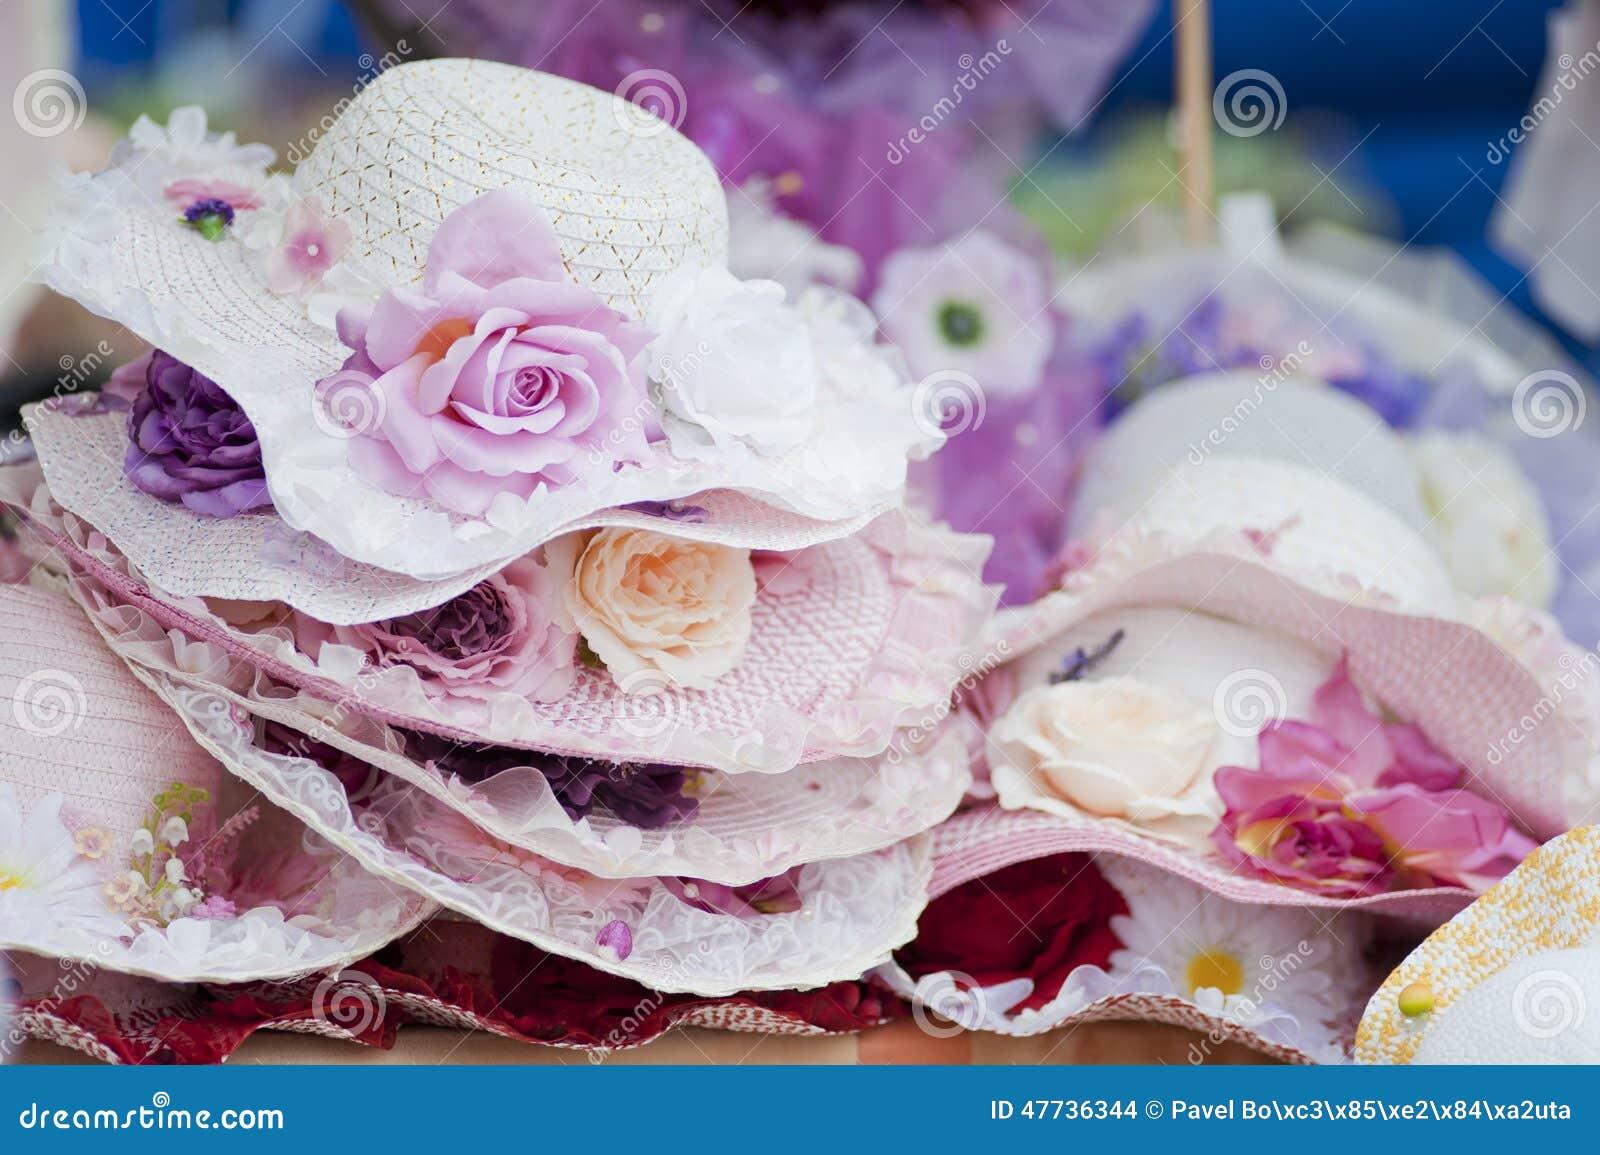 Hüte mit Blumen